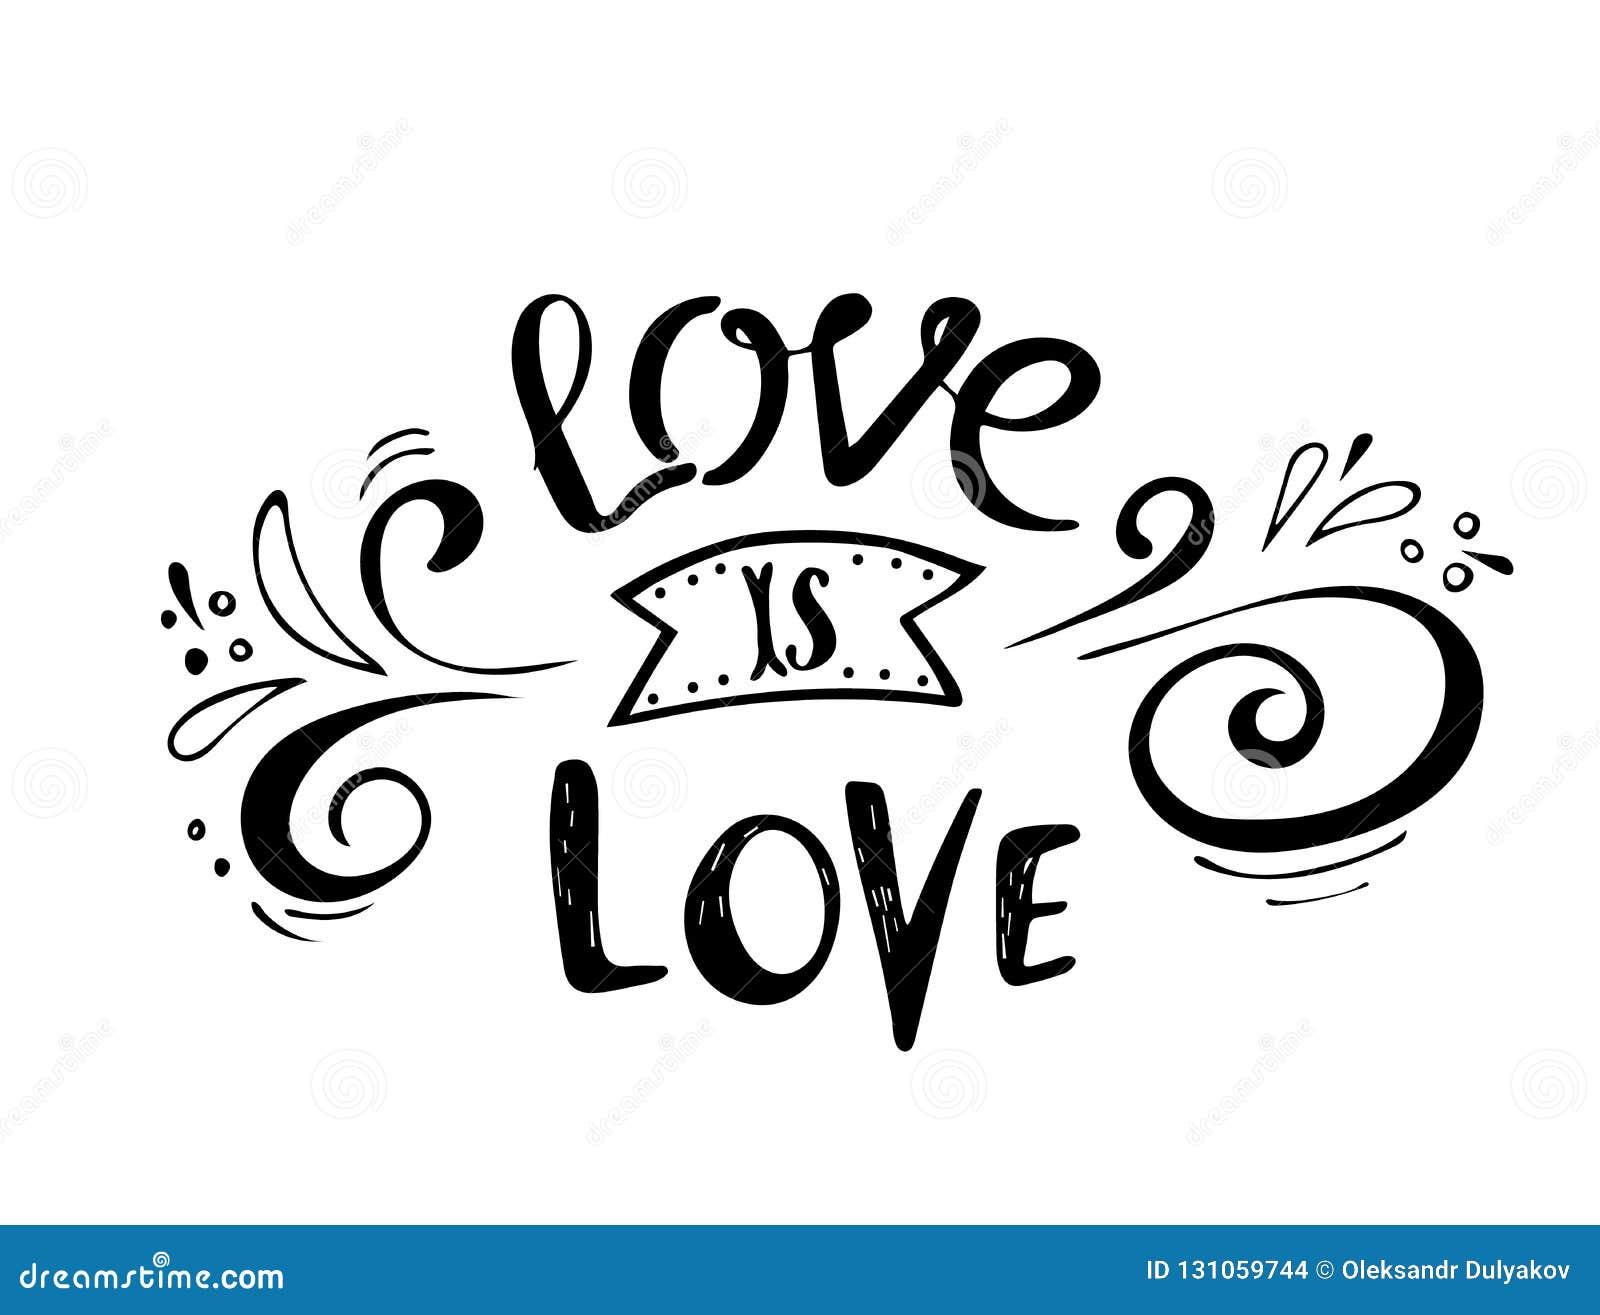 Citaten De Liefde Is Liefde Valentine Die Liefdeinzameling